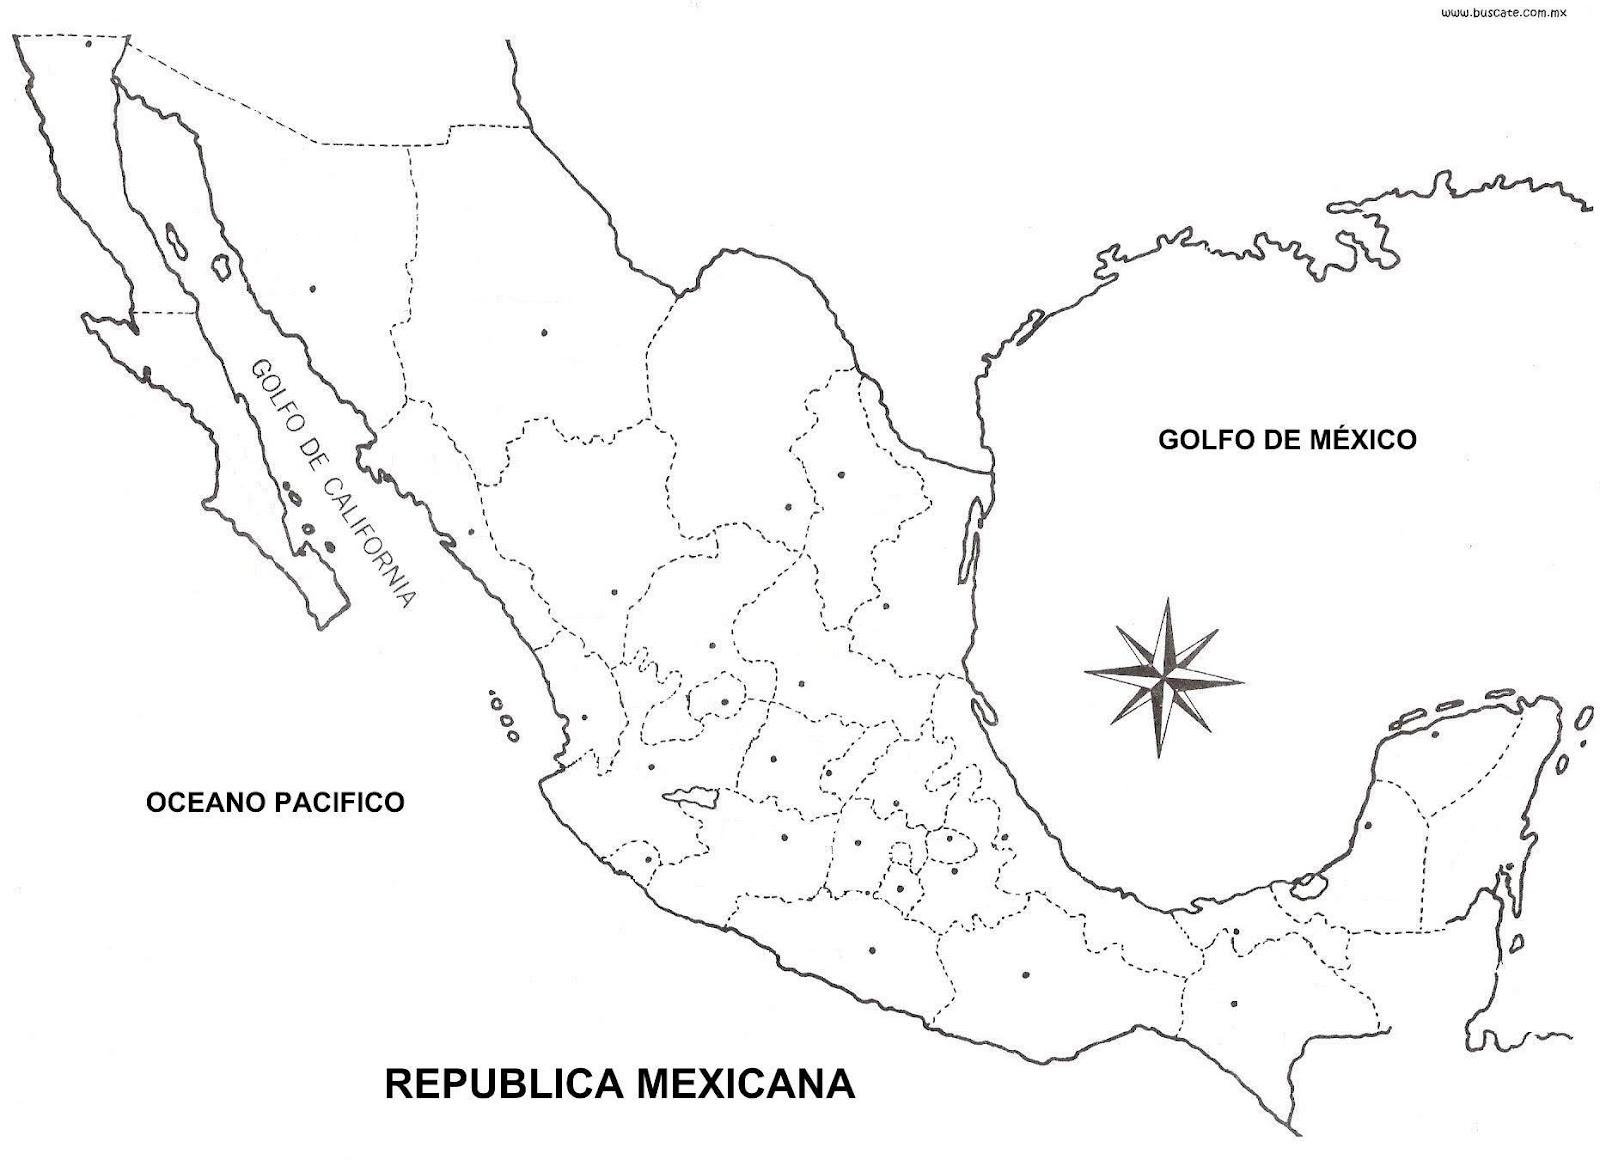 Mapa de Mxico Orogrfico hidrogrfico con  sin nombres  CGsign